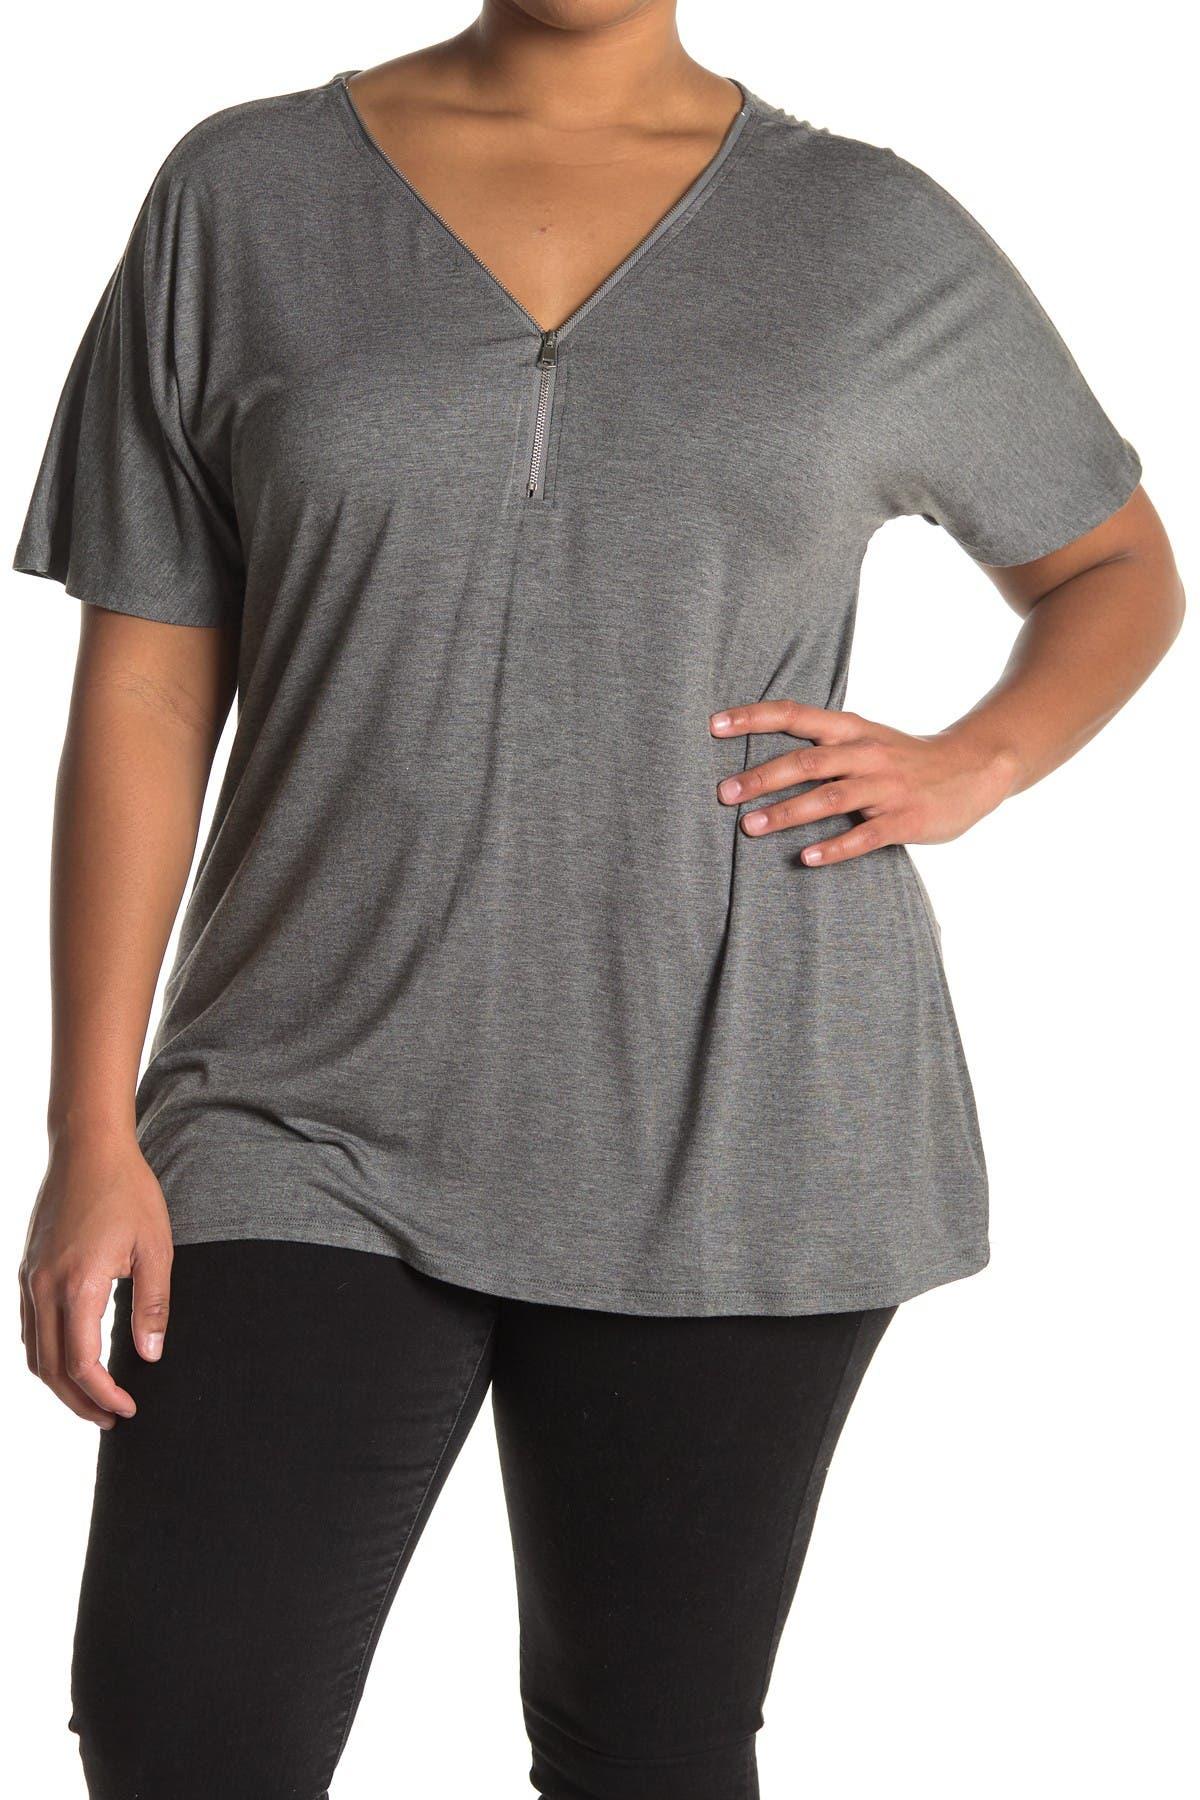 Image of Modern Designer Oversized Zip Neck Top